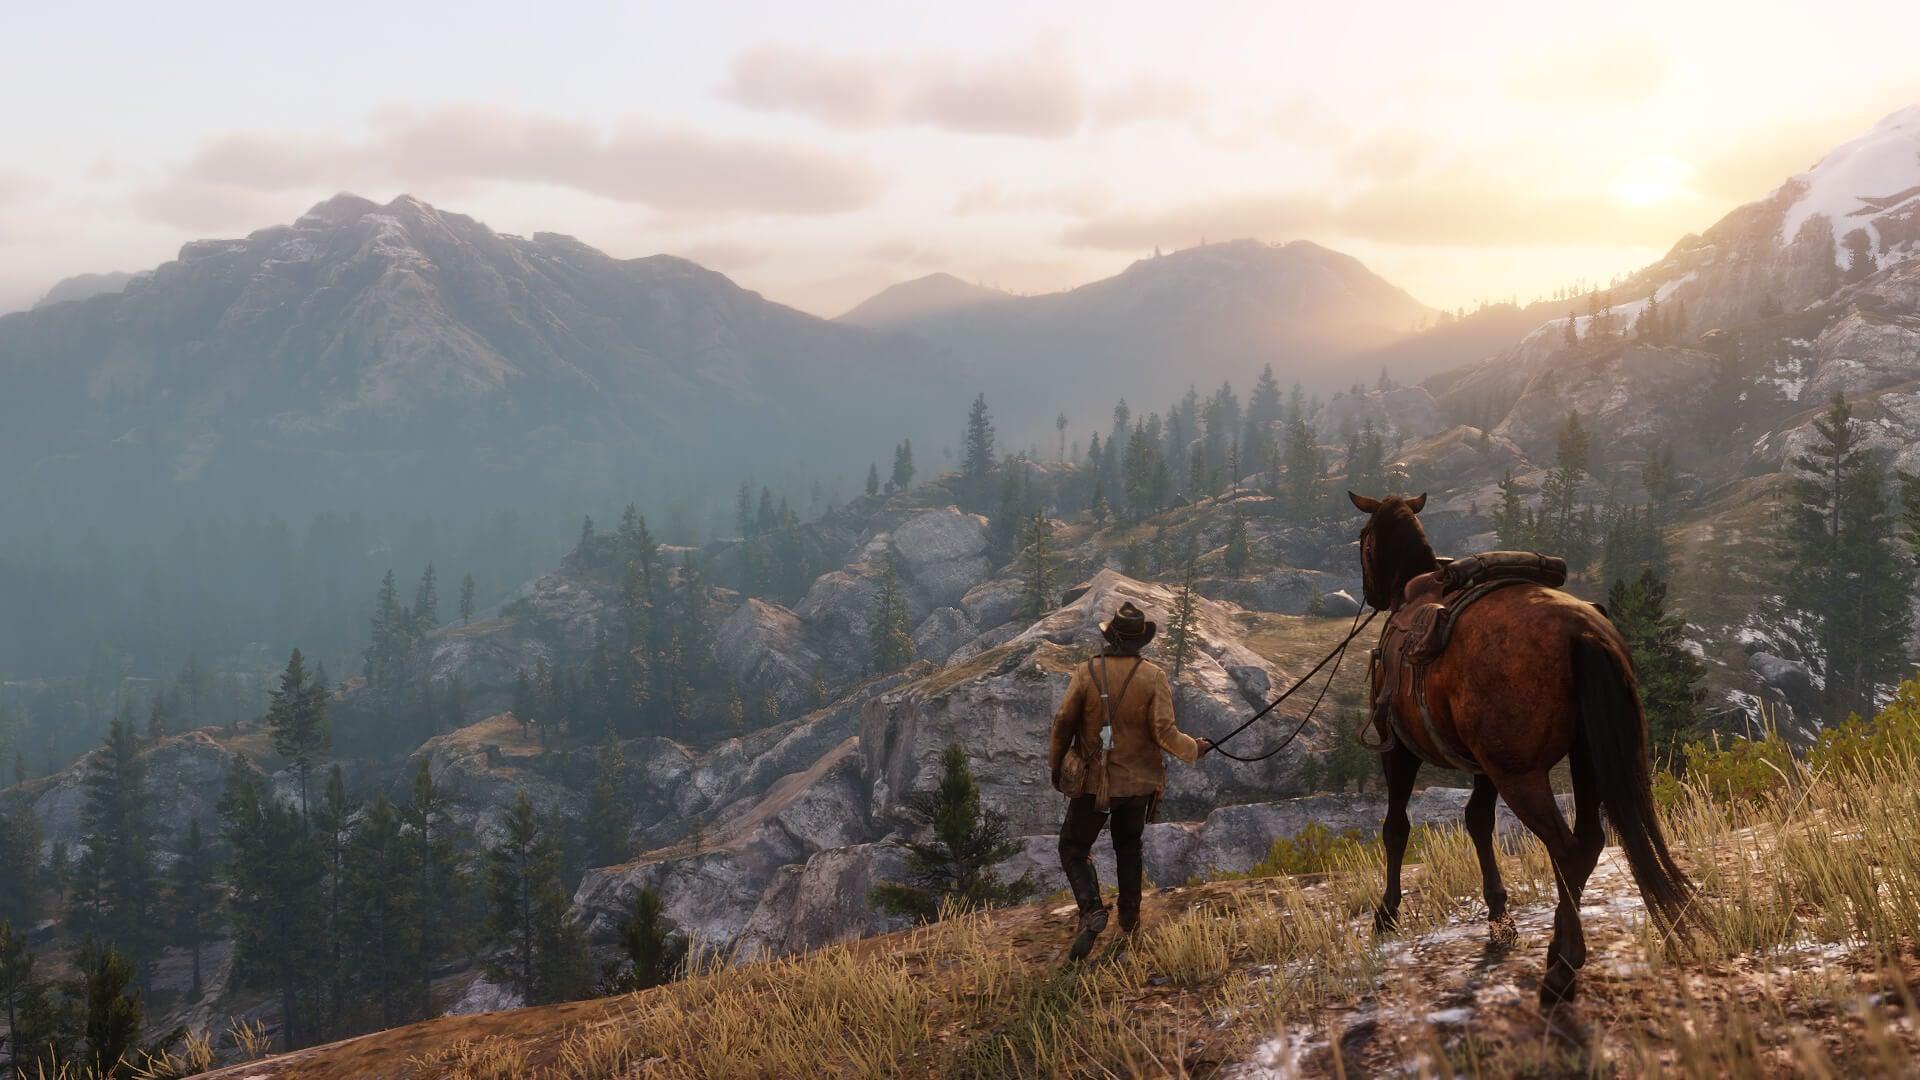 Релиз Red Dead Redemption 2 второй поуспешности вигровой индустрии